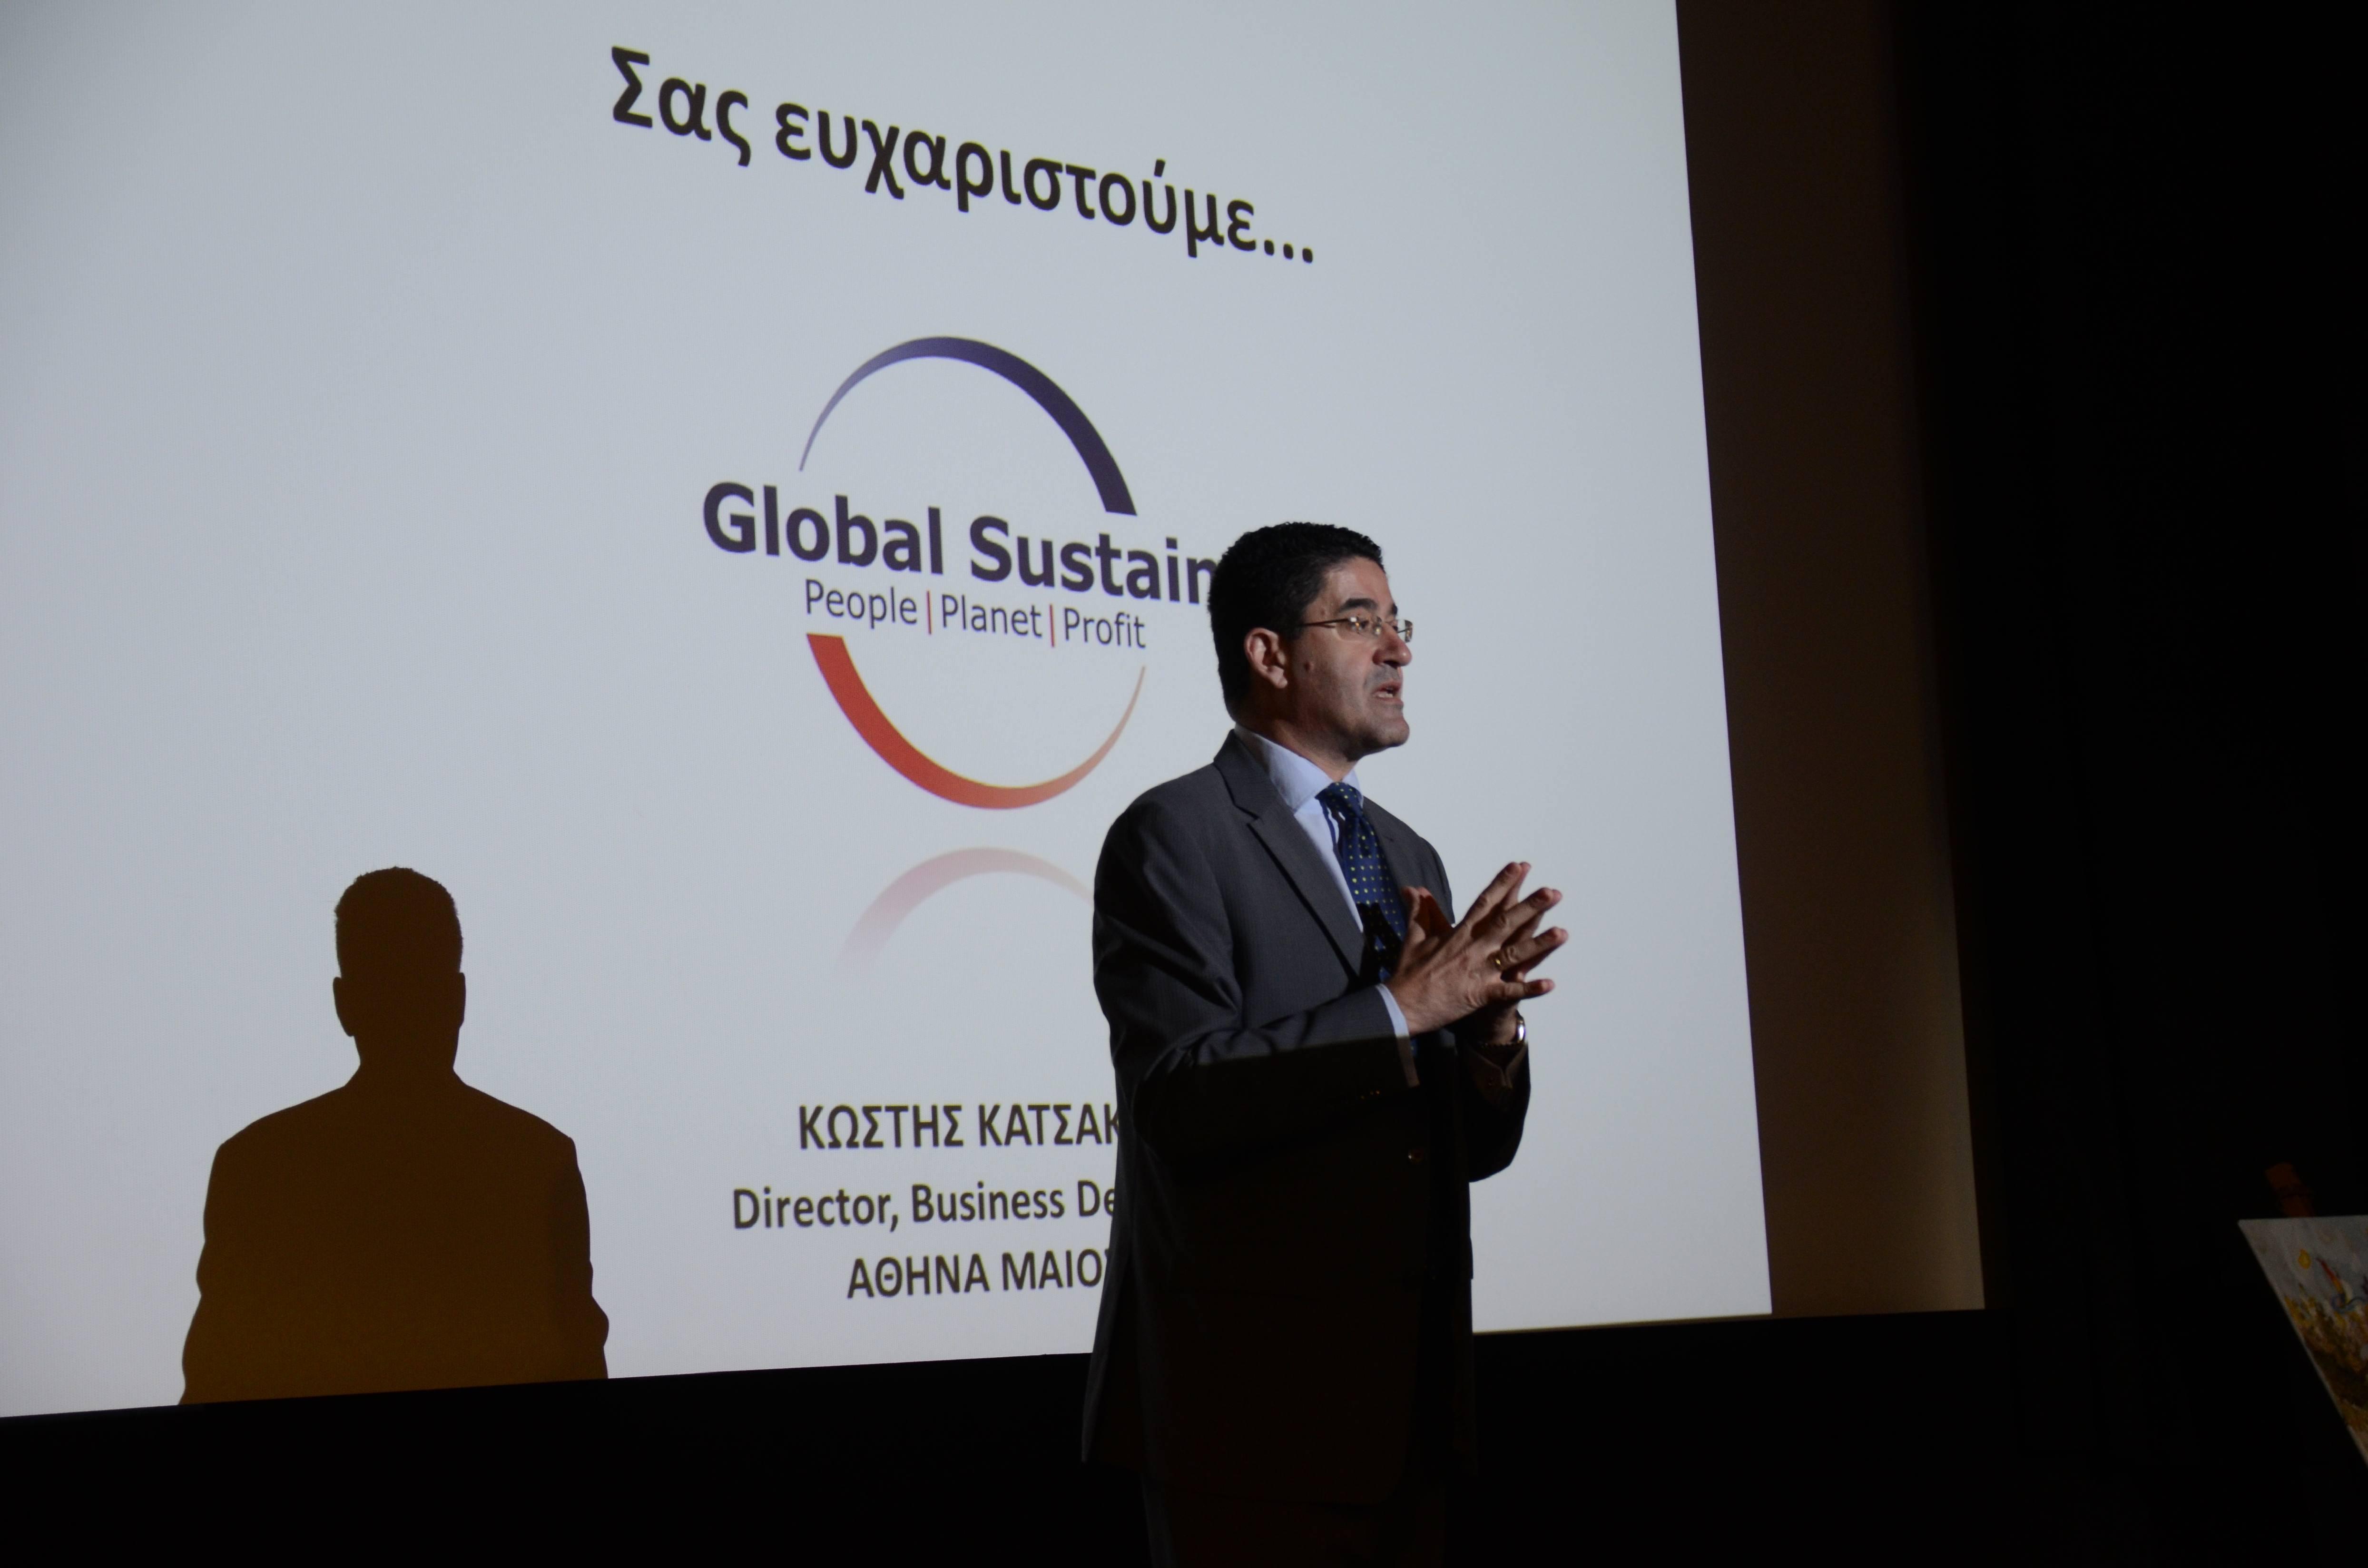 """Ο κος Κωστής Κατσακιώρης, Director - Business Development της Global Sustain - """"Δράσεις στρατηγικής με ξεκάθαρο και μετρήσιμο Κοινωνικό Αντίκτυπο"""""""